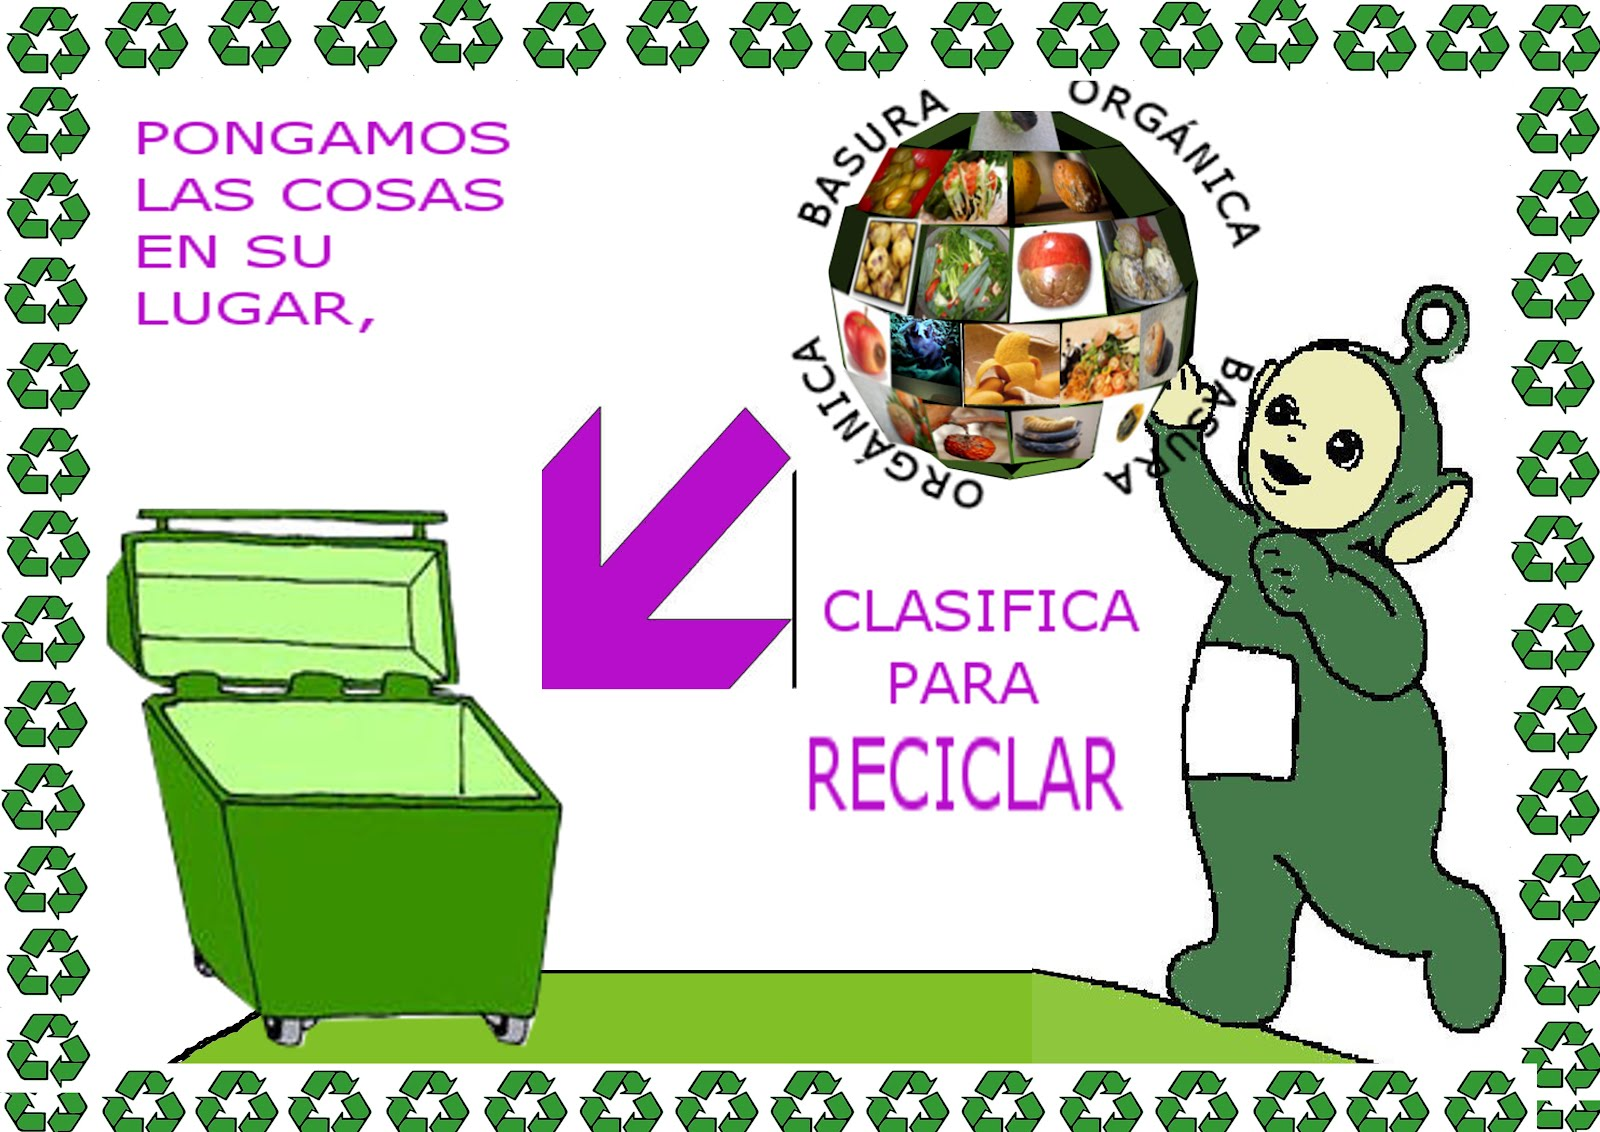 Cartel hecho de cosas de reciclaje inform 225 tica en - Cosas de reciclaje ...